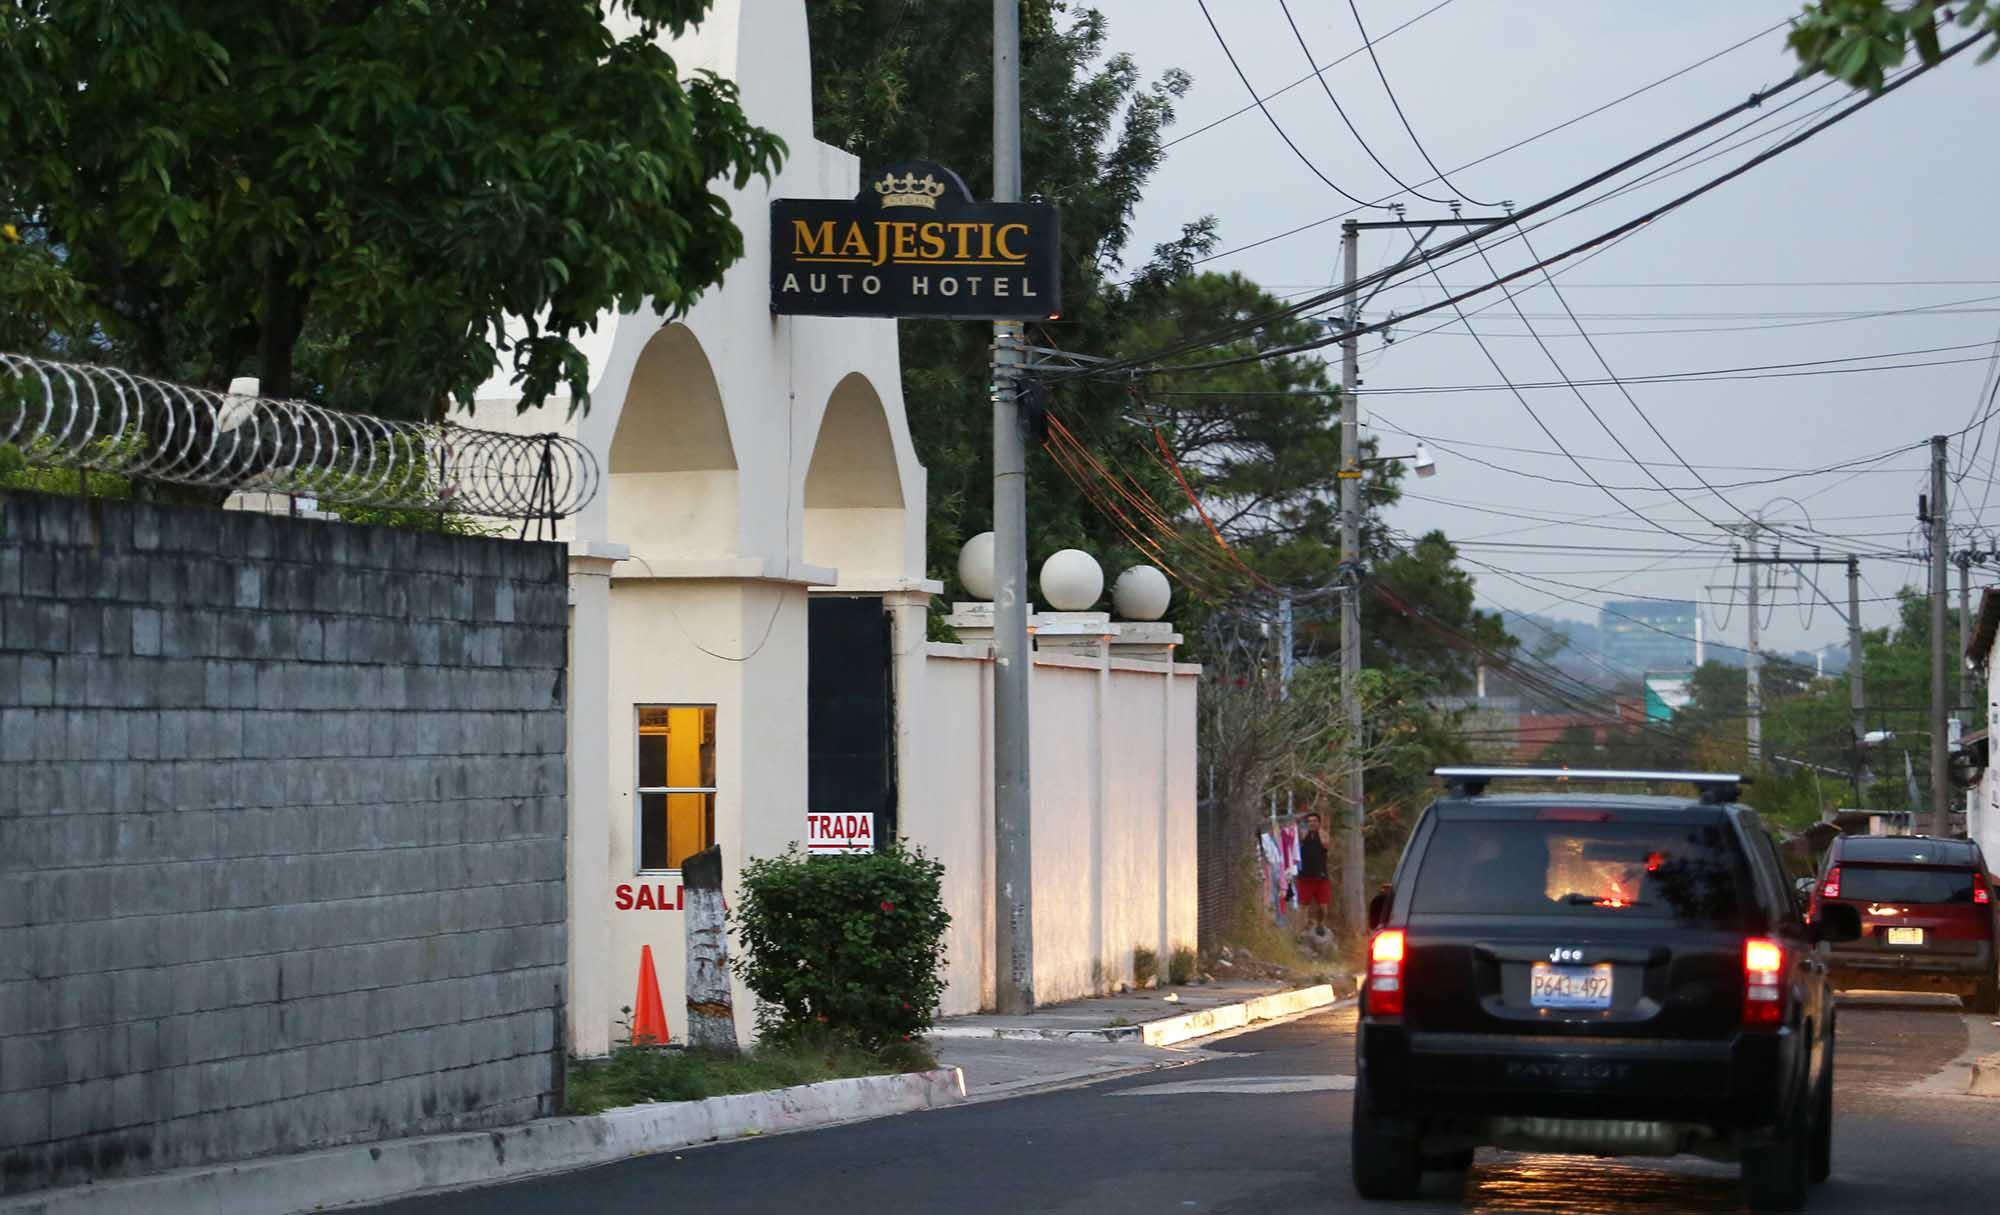 Fachada de motel ubicado en la entrada de la Colonia Santa Elena, en Antiguo Cuscatlán. Foto D1.